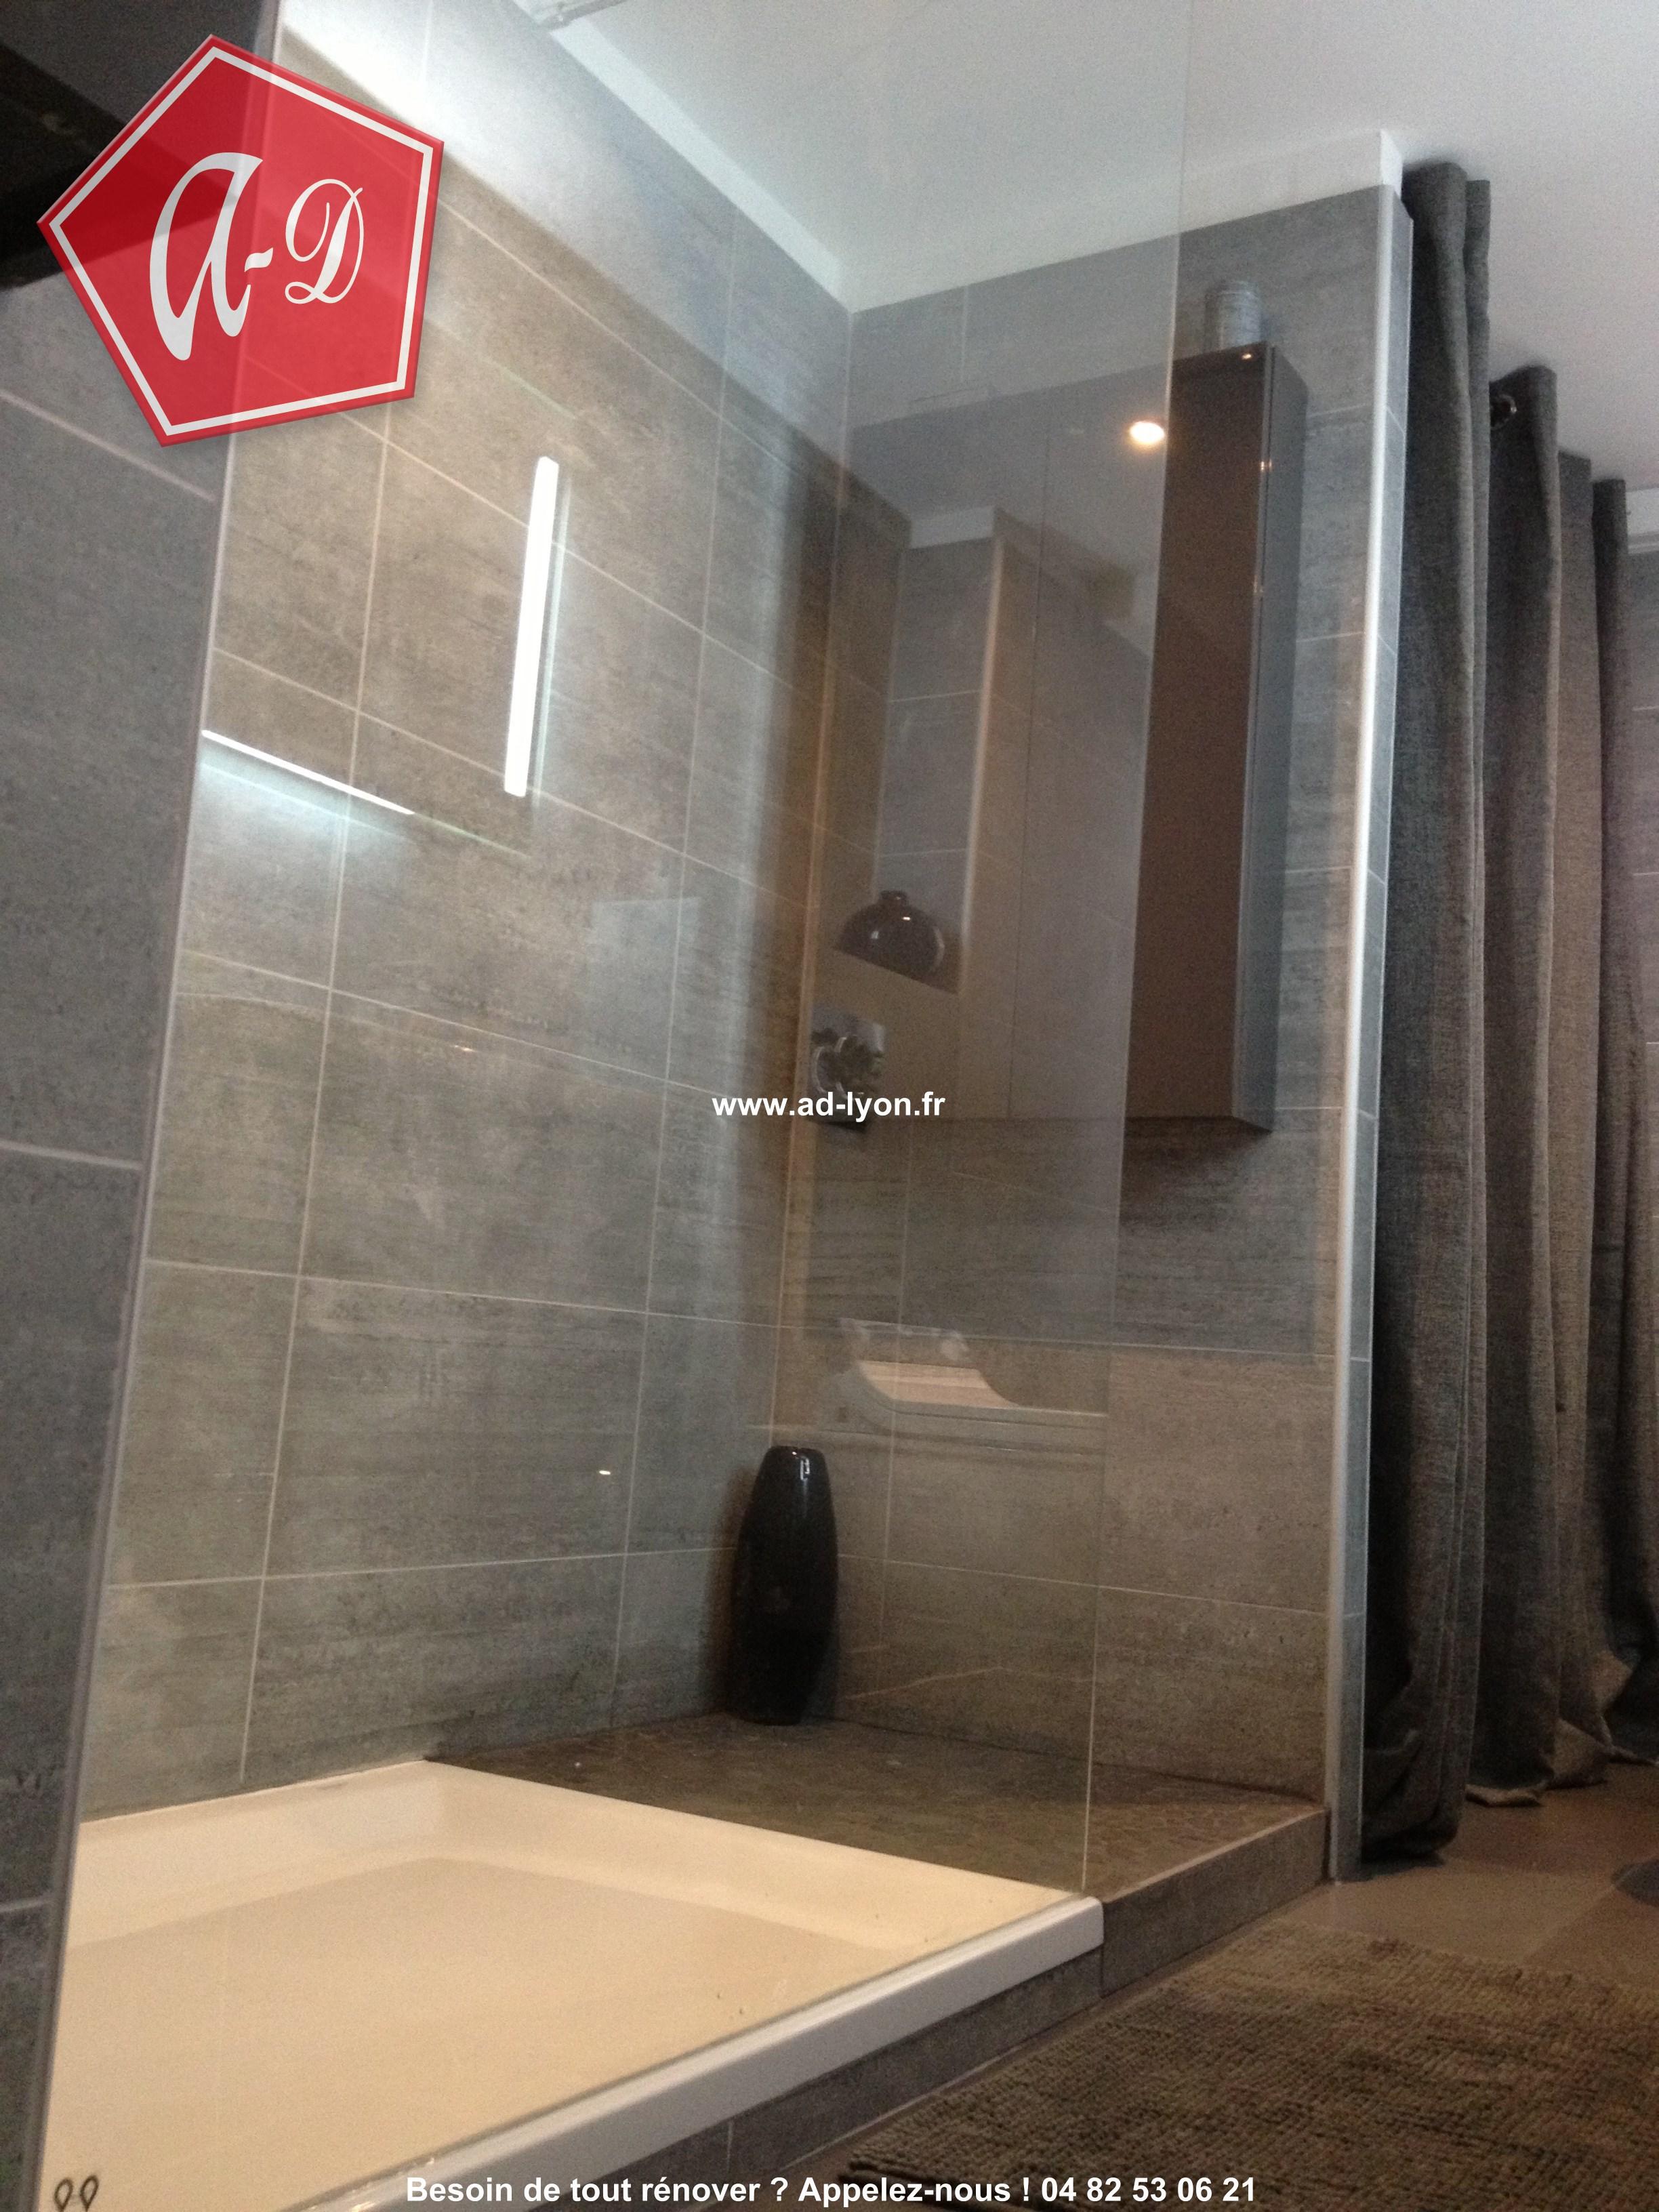 Salle de bain 2014 : sera écologique et design en tendances